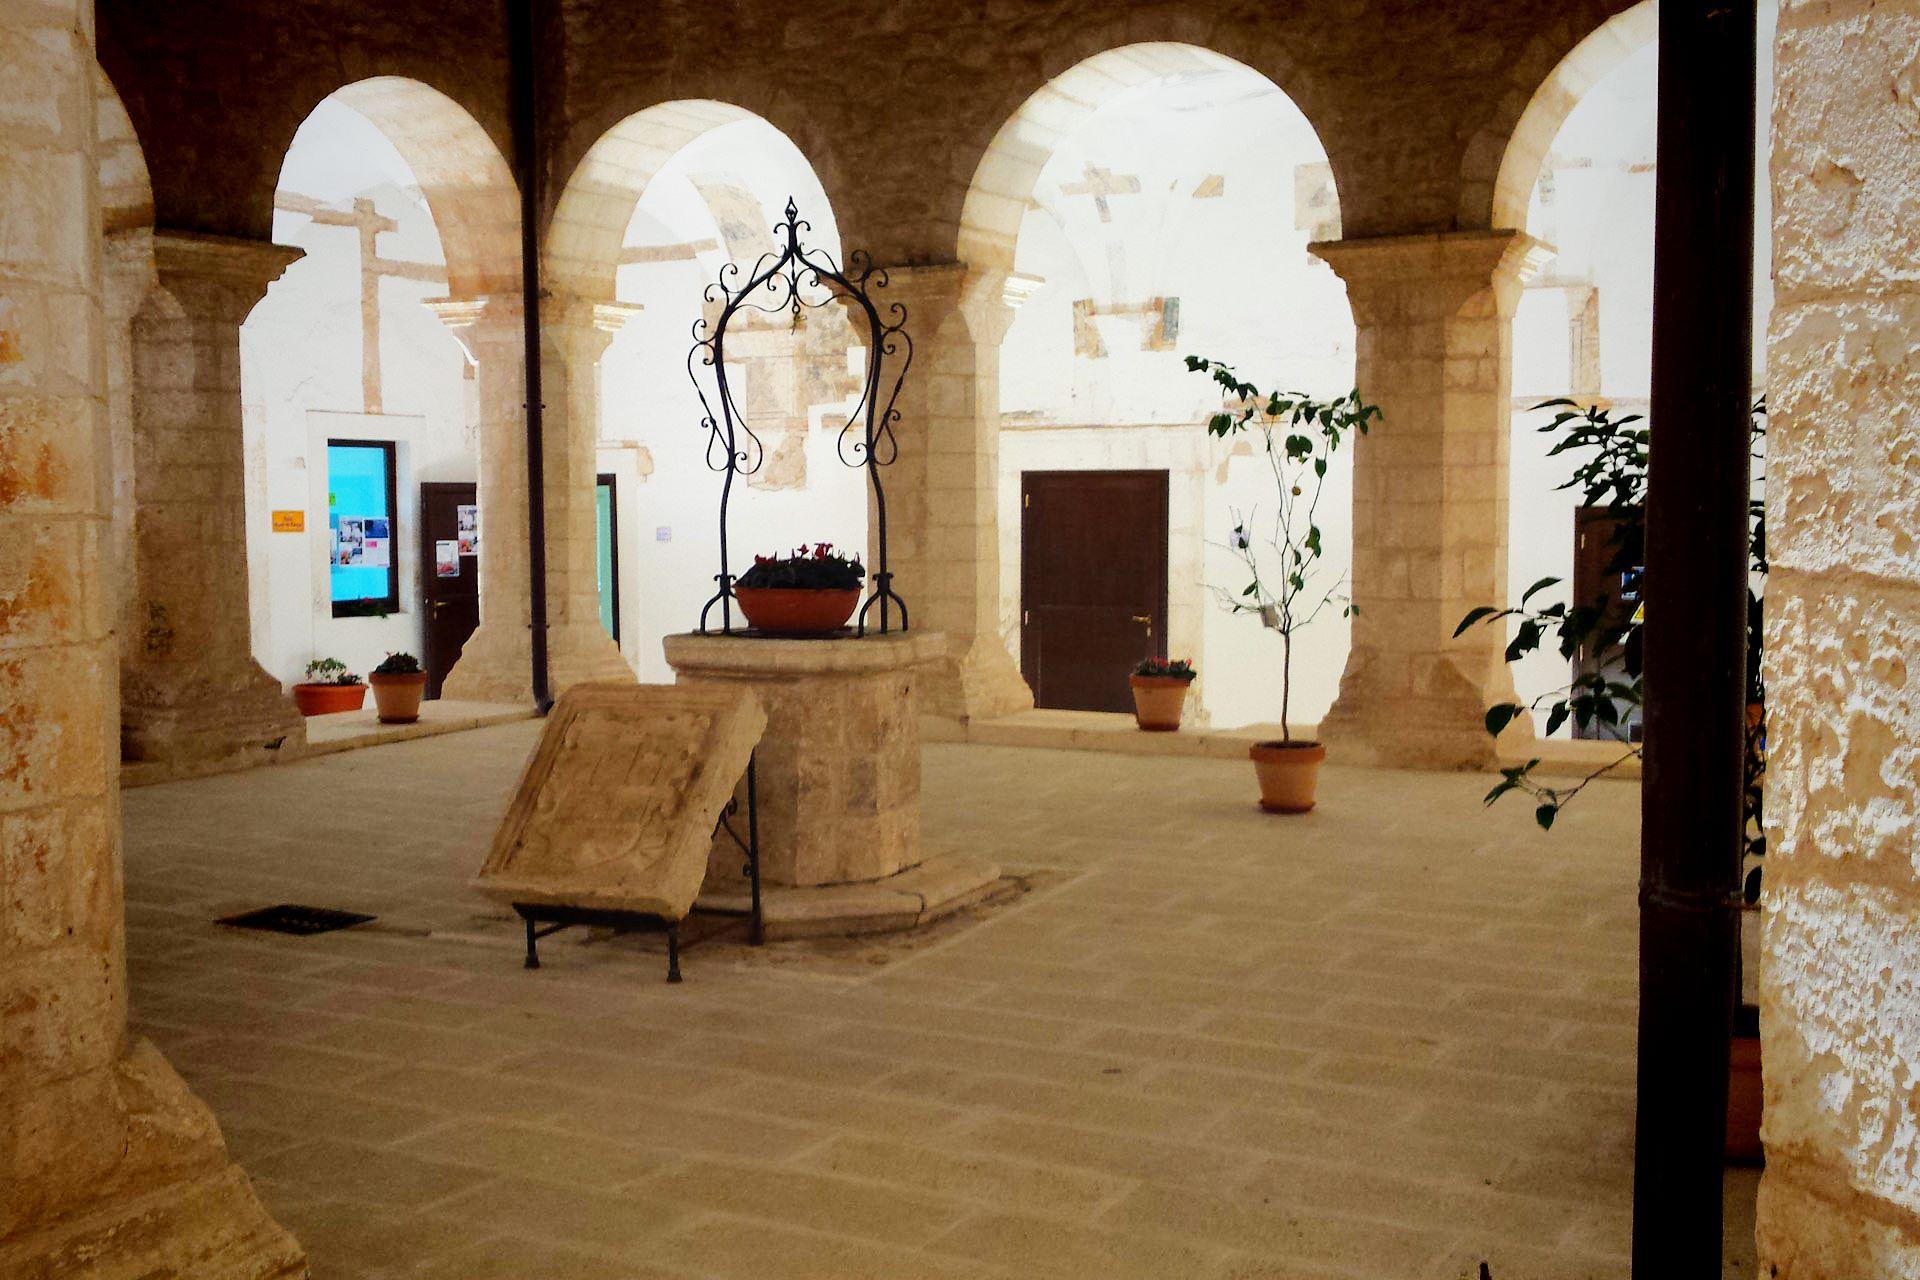 apulia-slow-travel-architettura-chiostro-ottocentesco-pietra calcarea-puglia-apulien